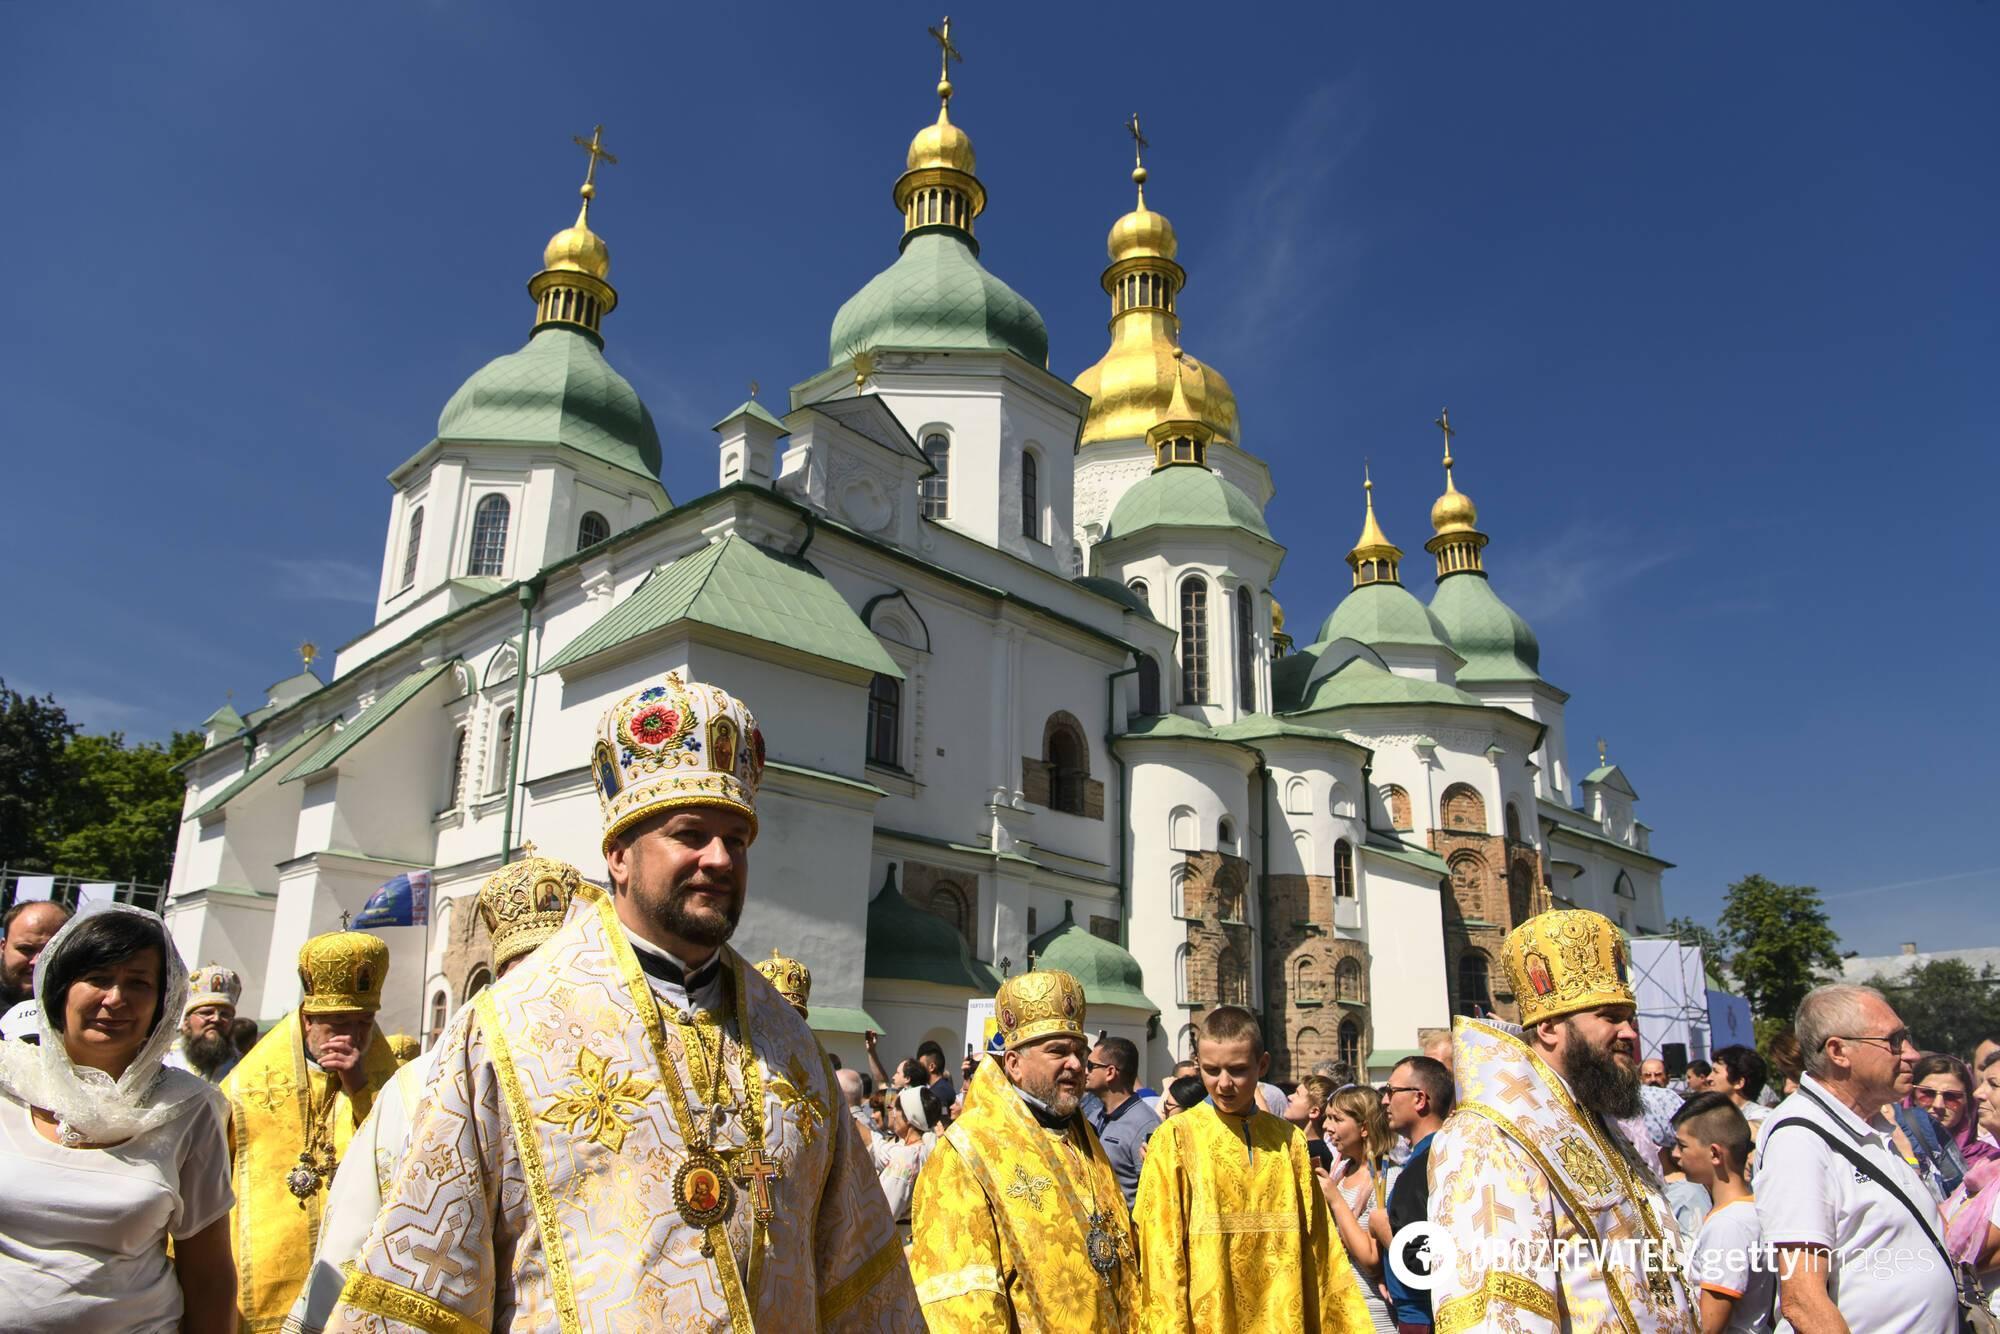 День Хрещення Київської Русі, хресний хід перед Софійським собором 28 липня 2019 року